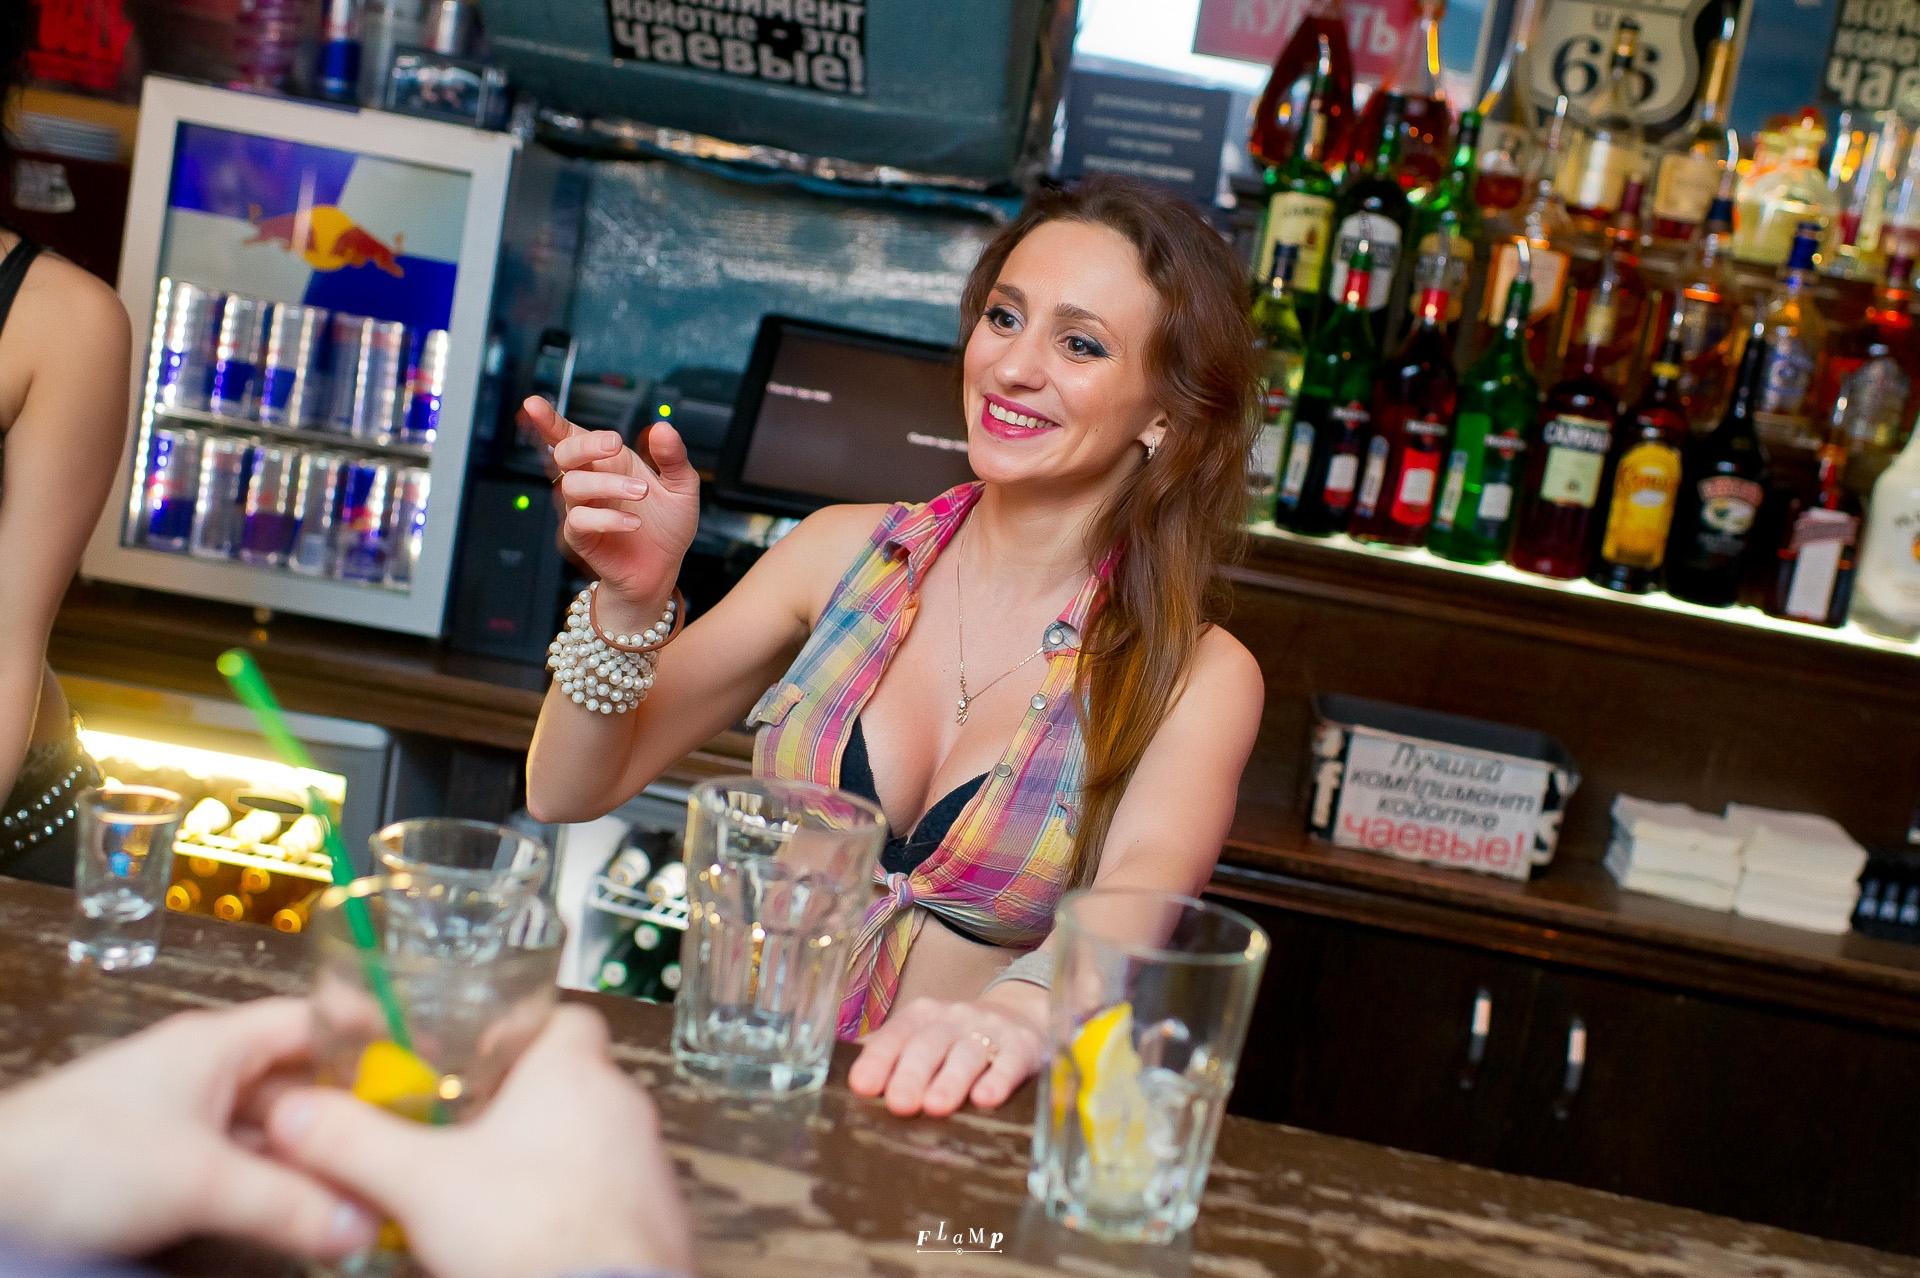 Тёлка танцует на барной стойке 15 фотография